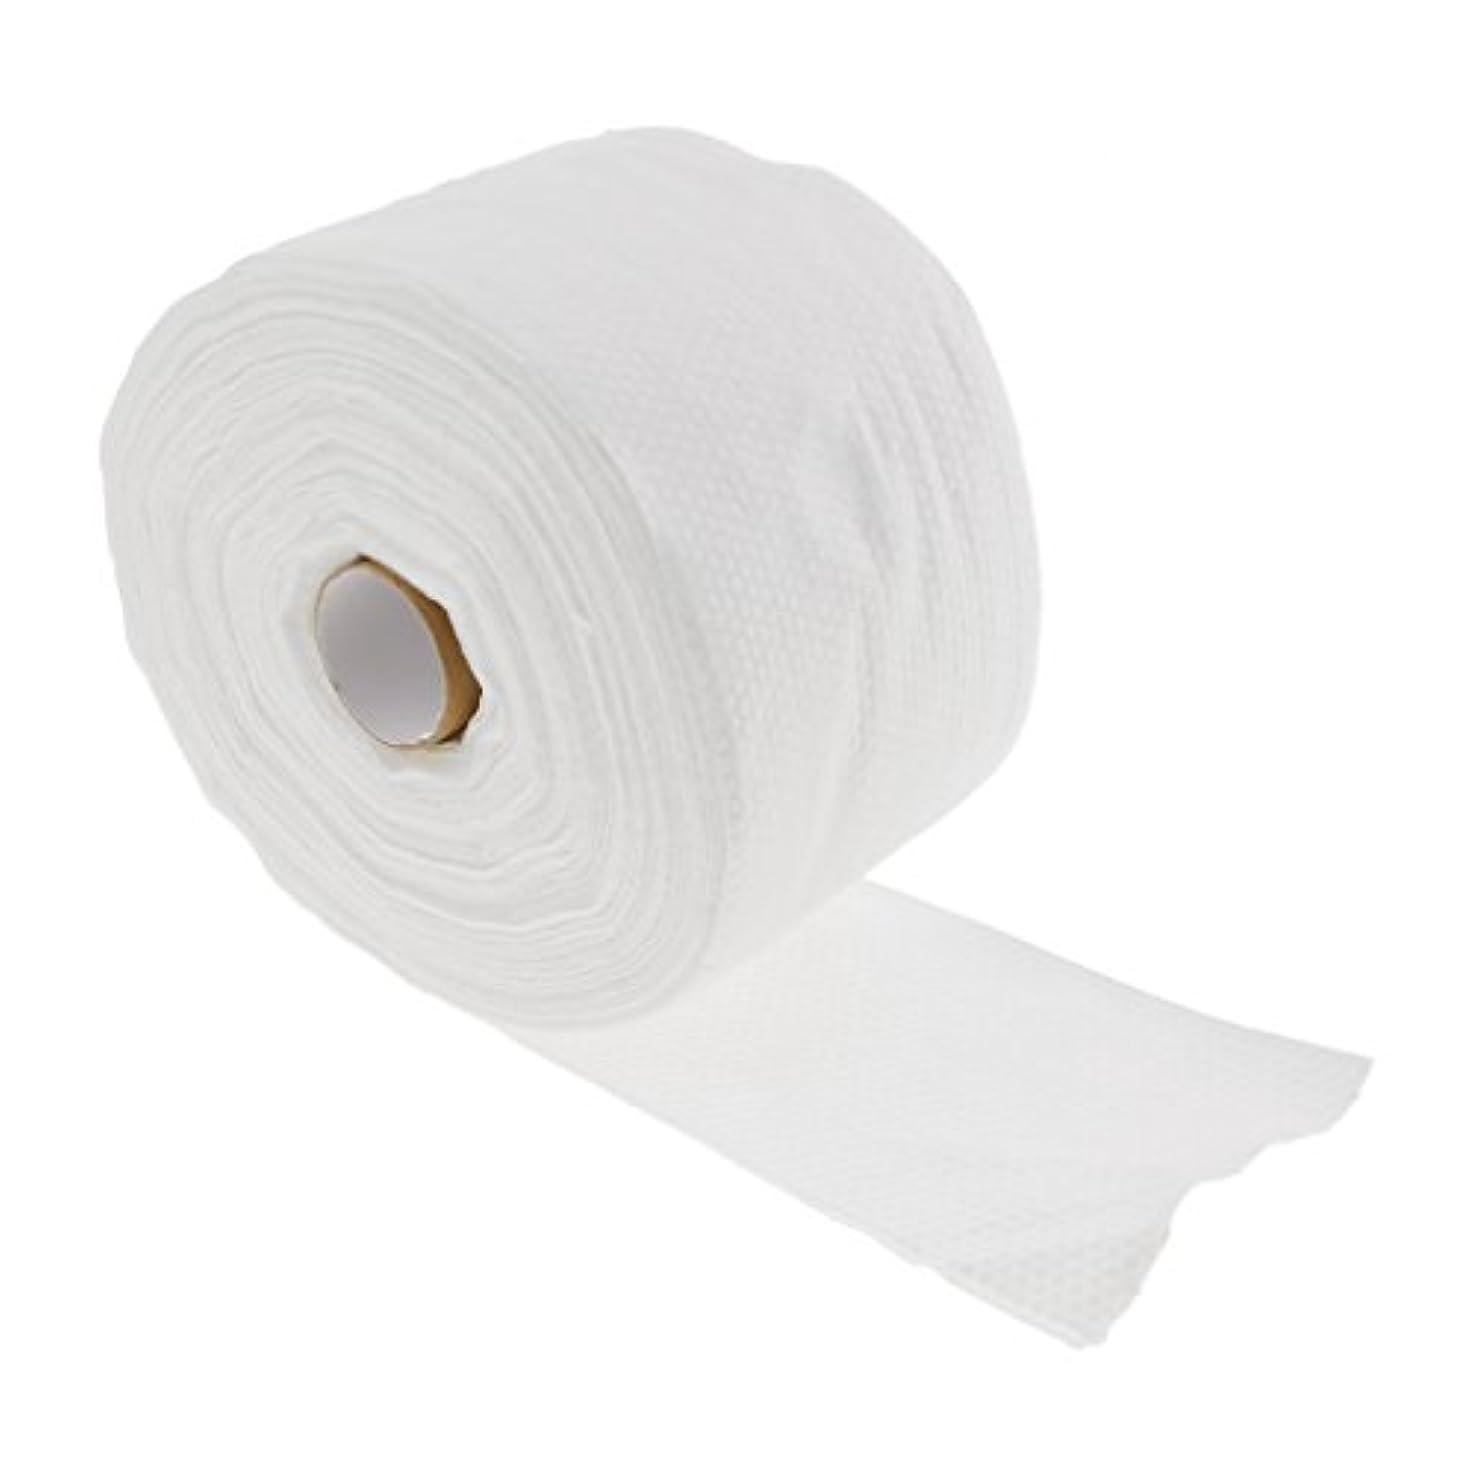 ラダダイエット思い出させるToygogo 1つのロール30メートルの使い捨て可能なタオル繊維の清潔になる顔のワイプの構造の除去剤 - #2